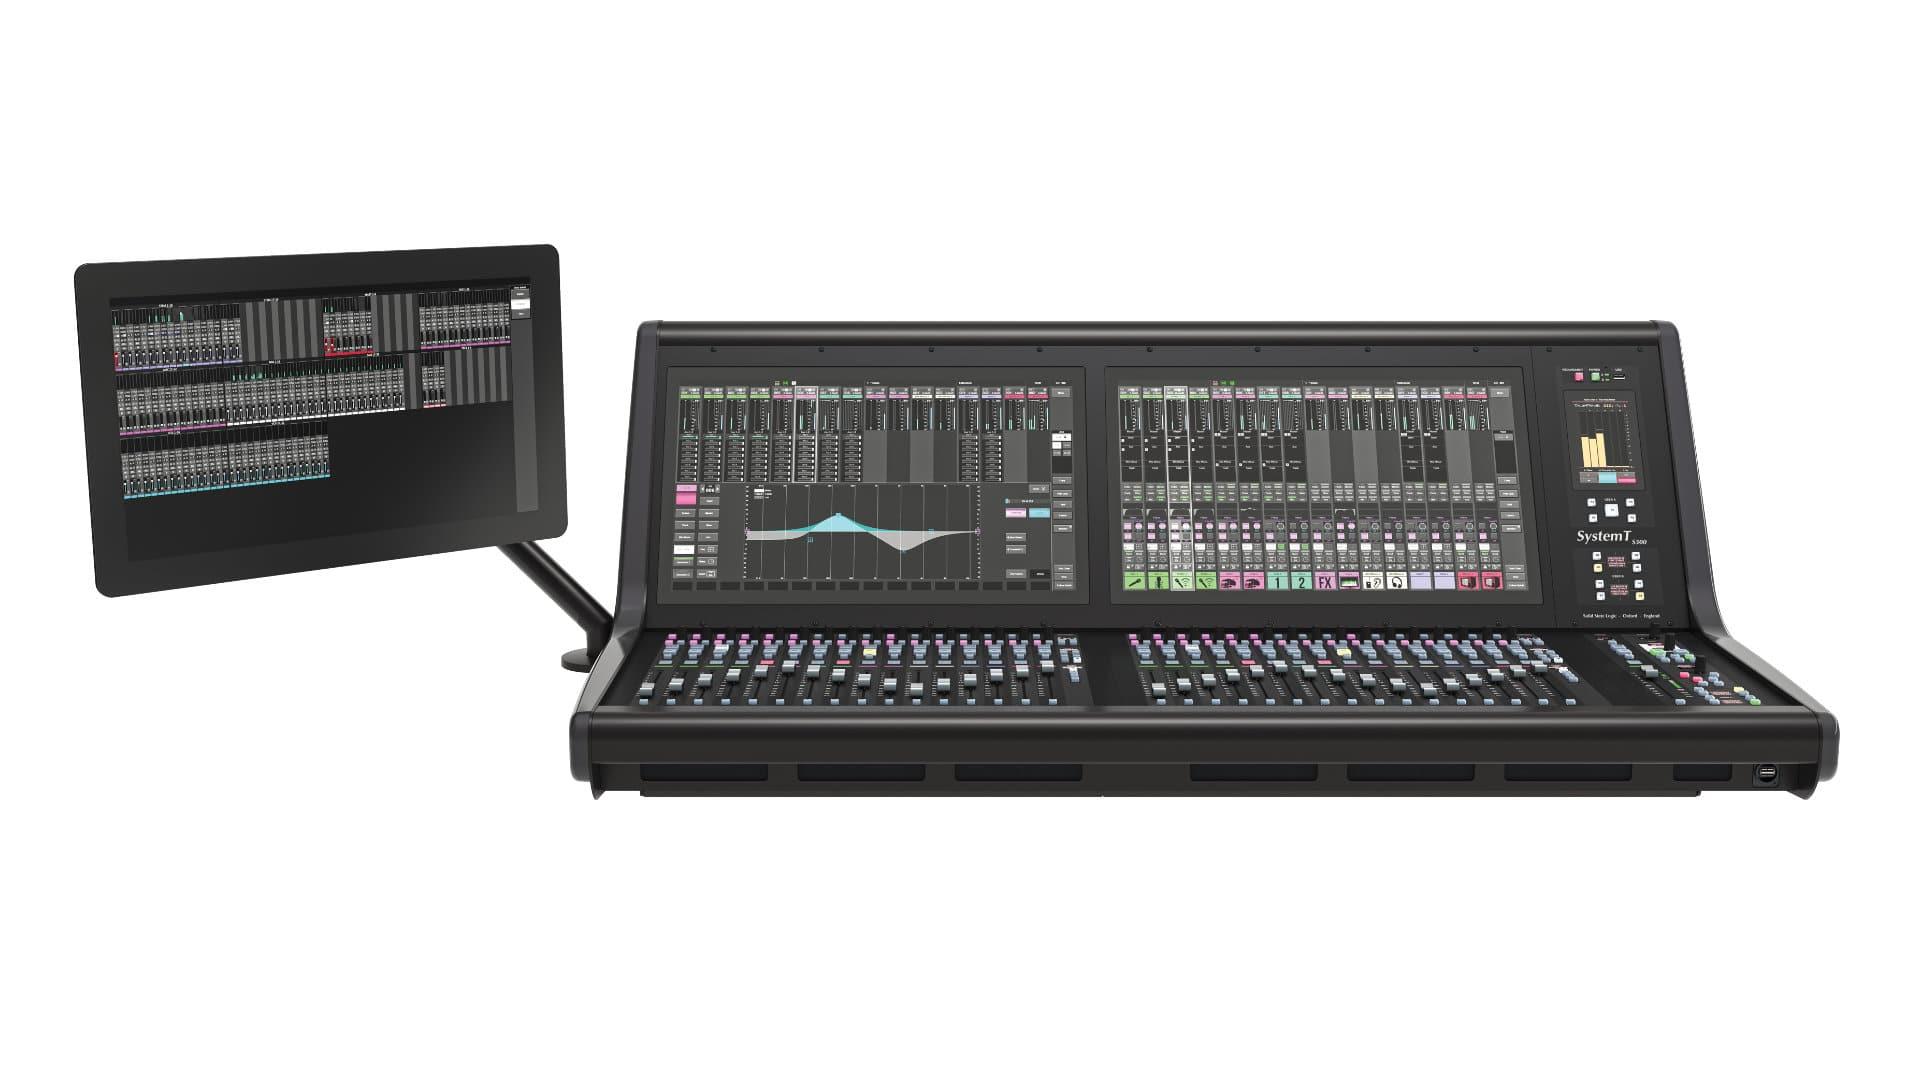 Cyfrowa konsoleta dla studia i broadcastu SSL Sytem T S300